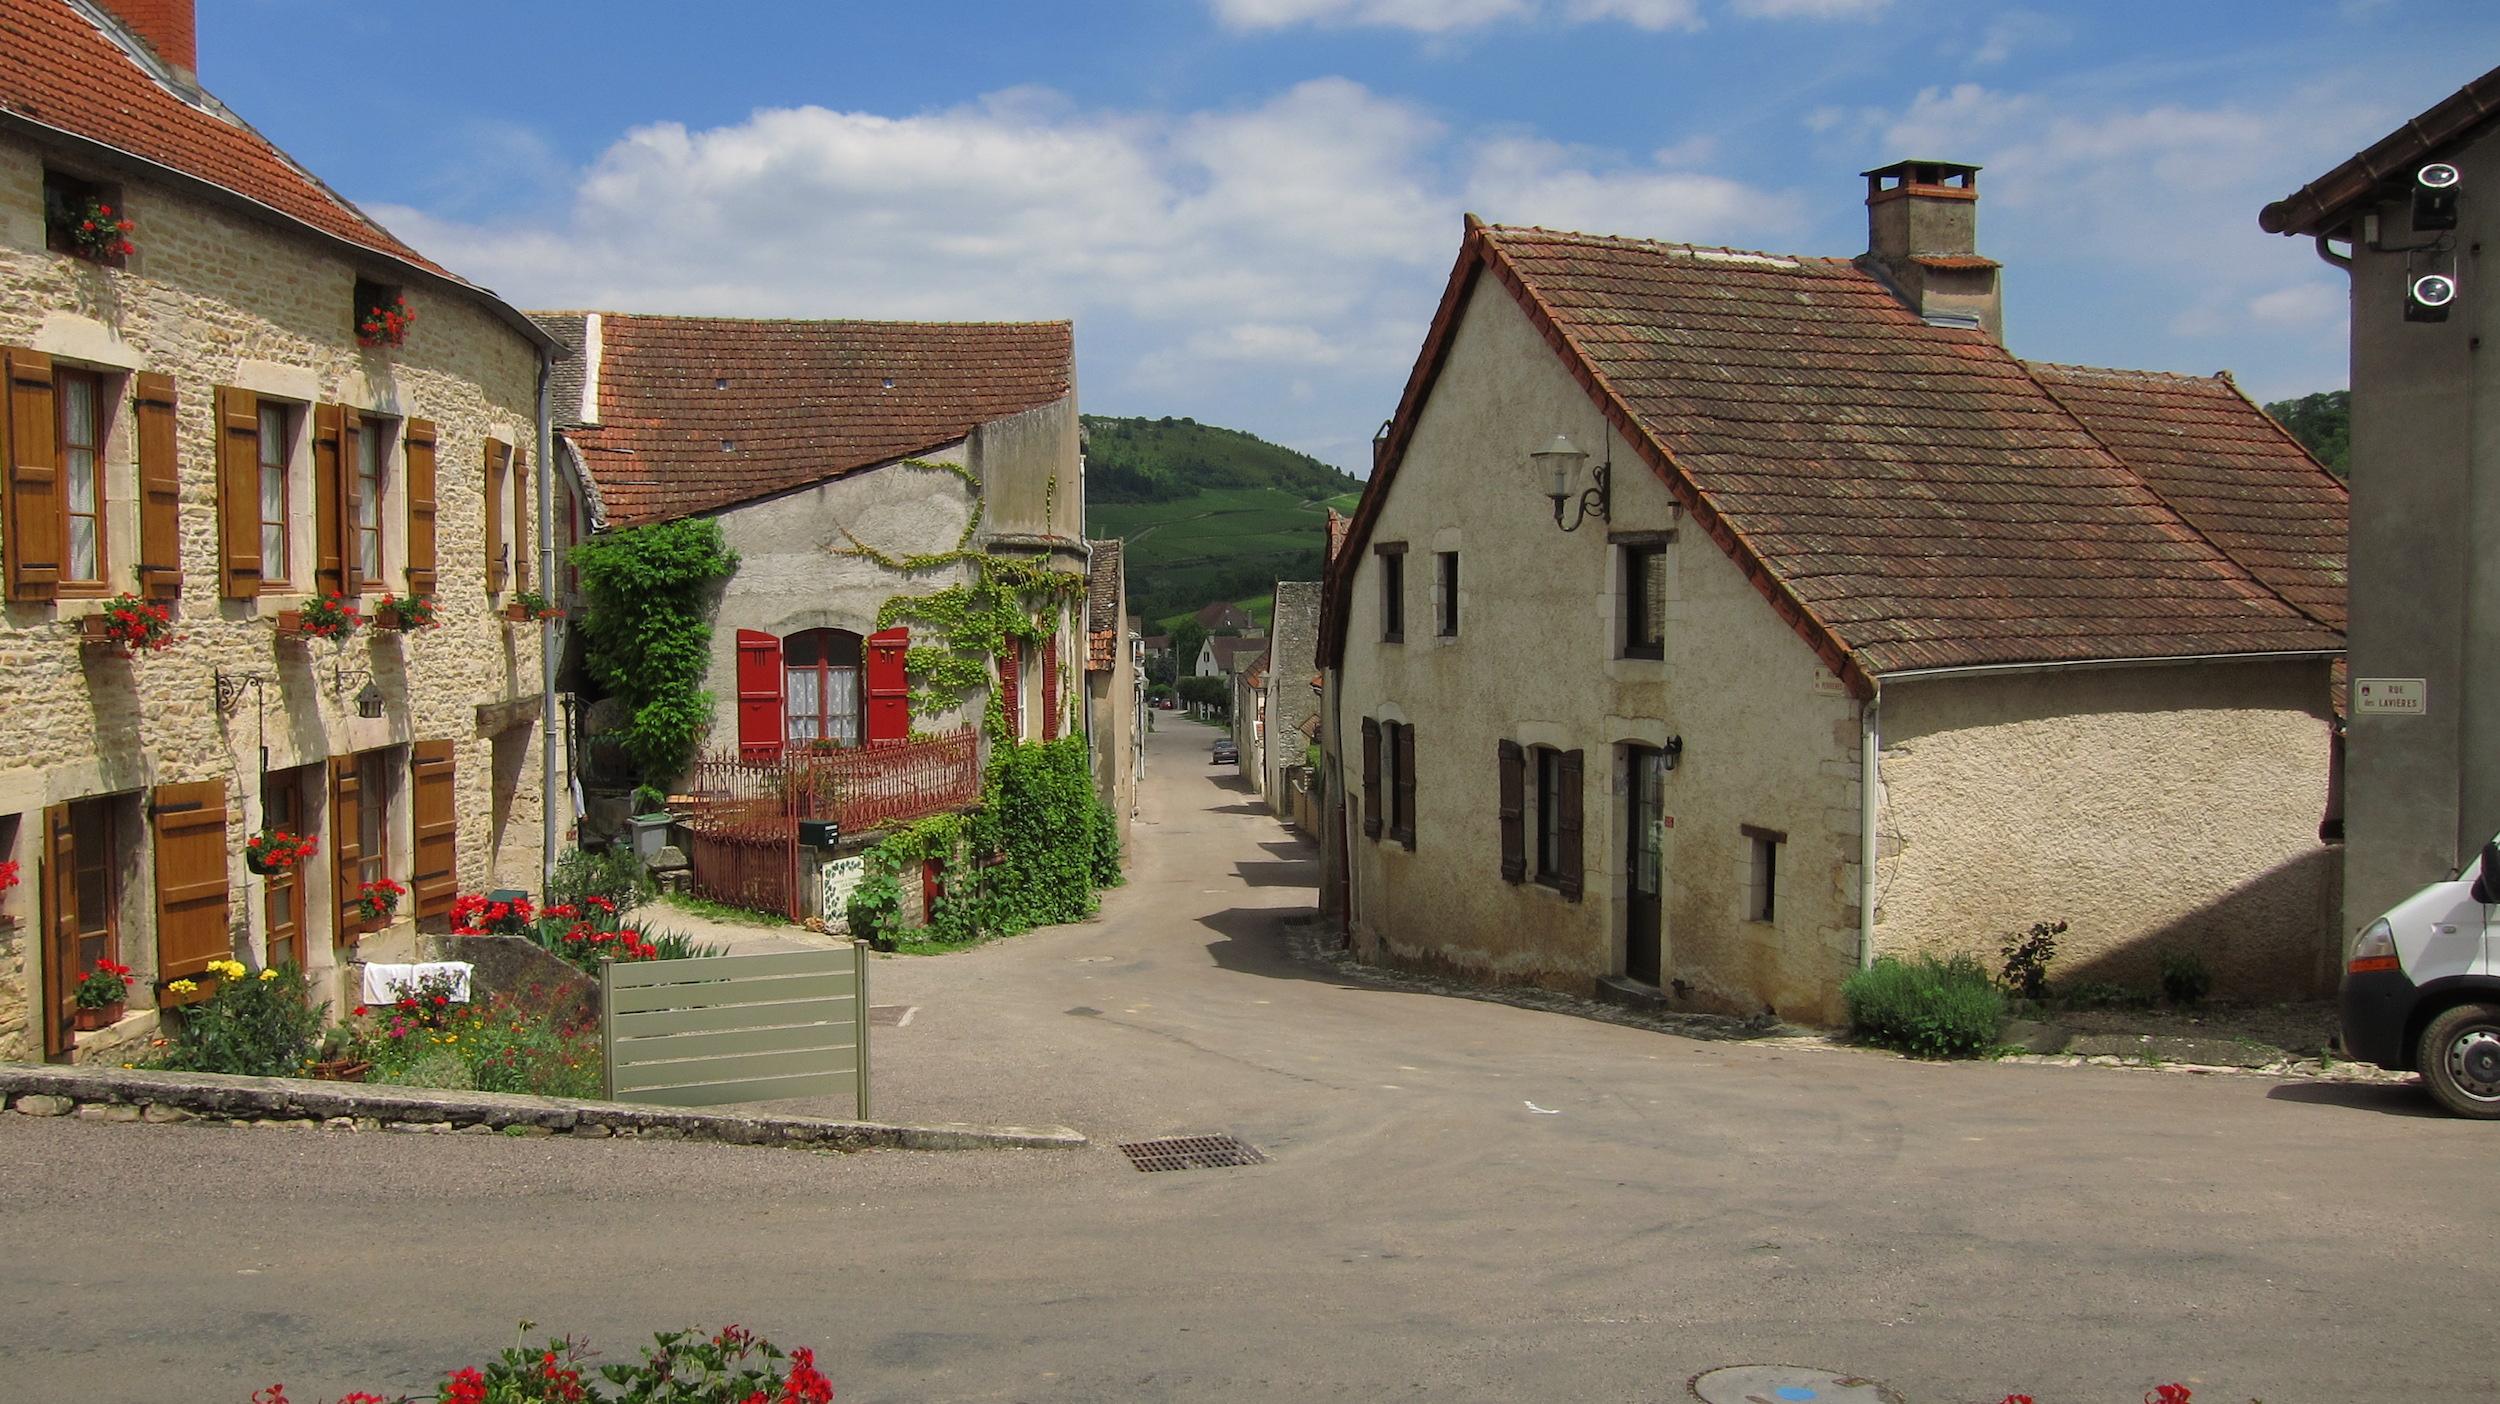 Village of St. Aubin.